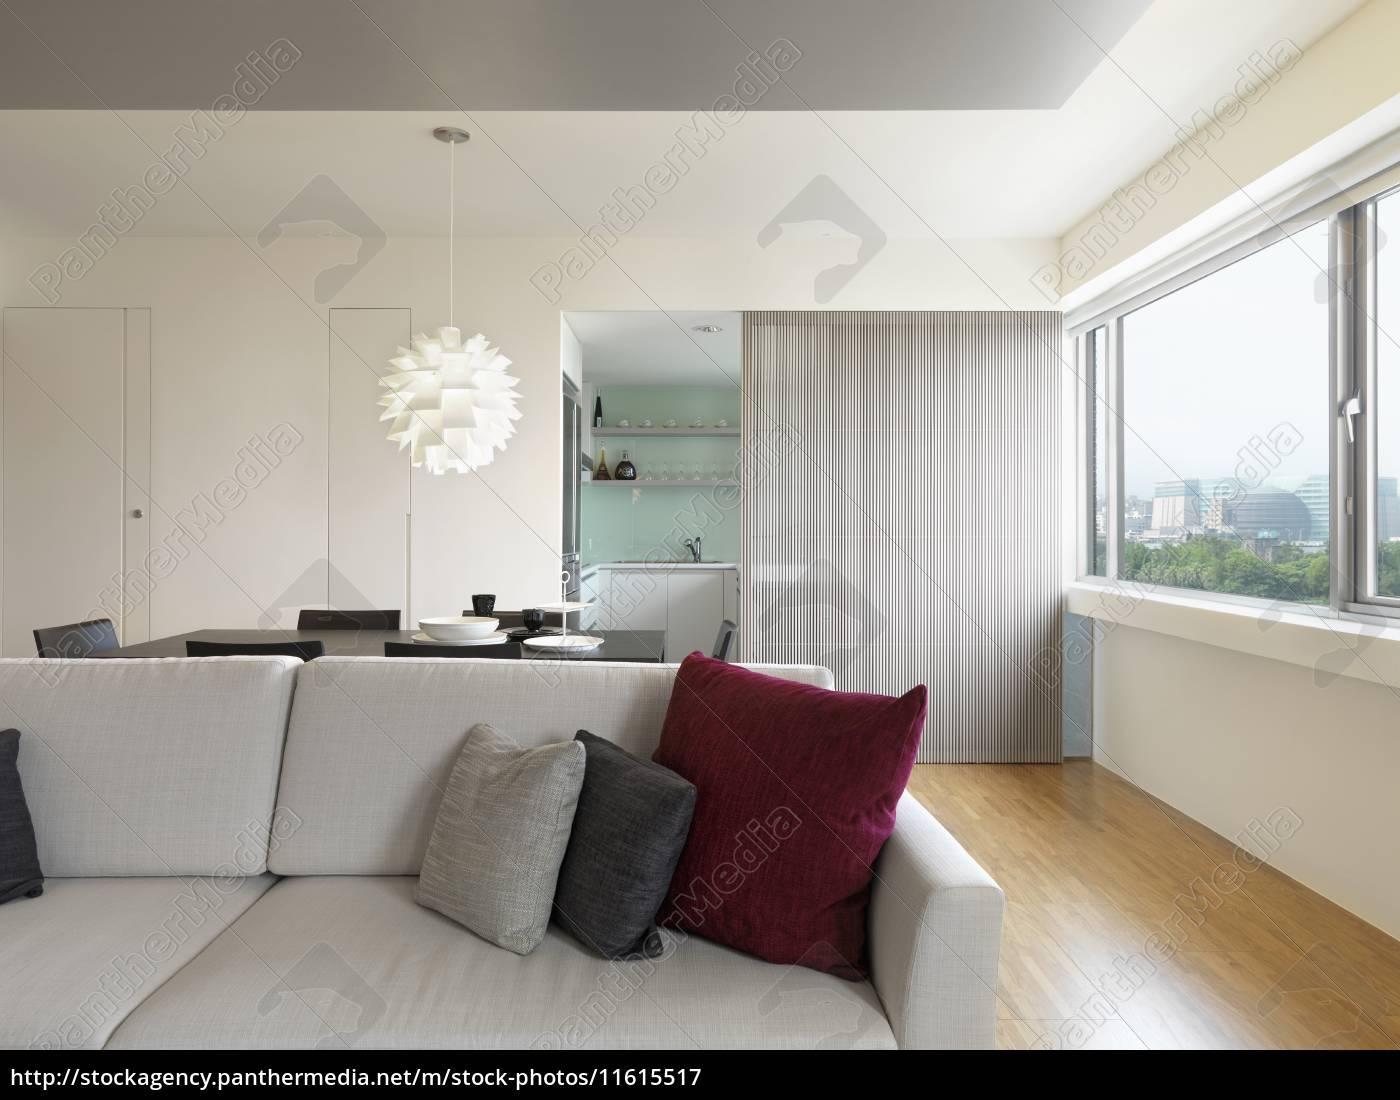 moderner wohnraum mit holzboden - Stockfoto - #11615517 ...